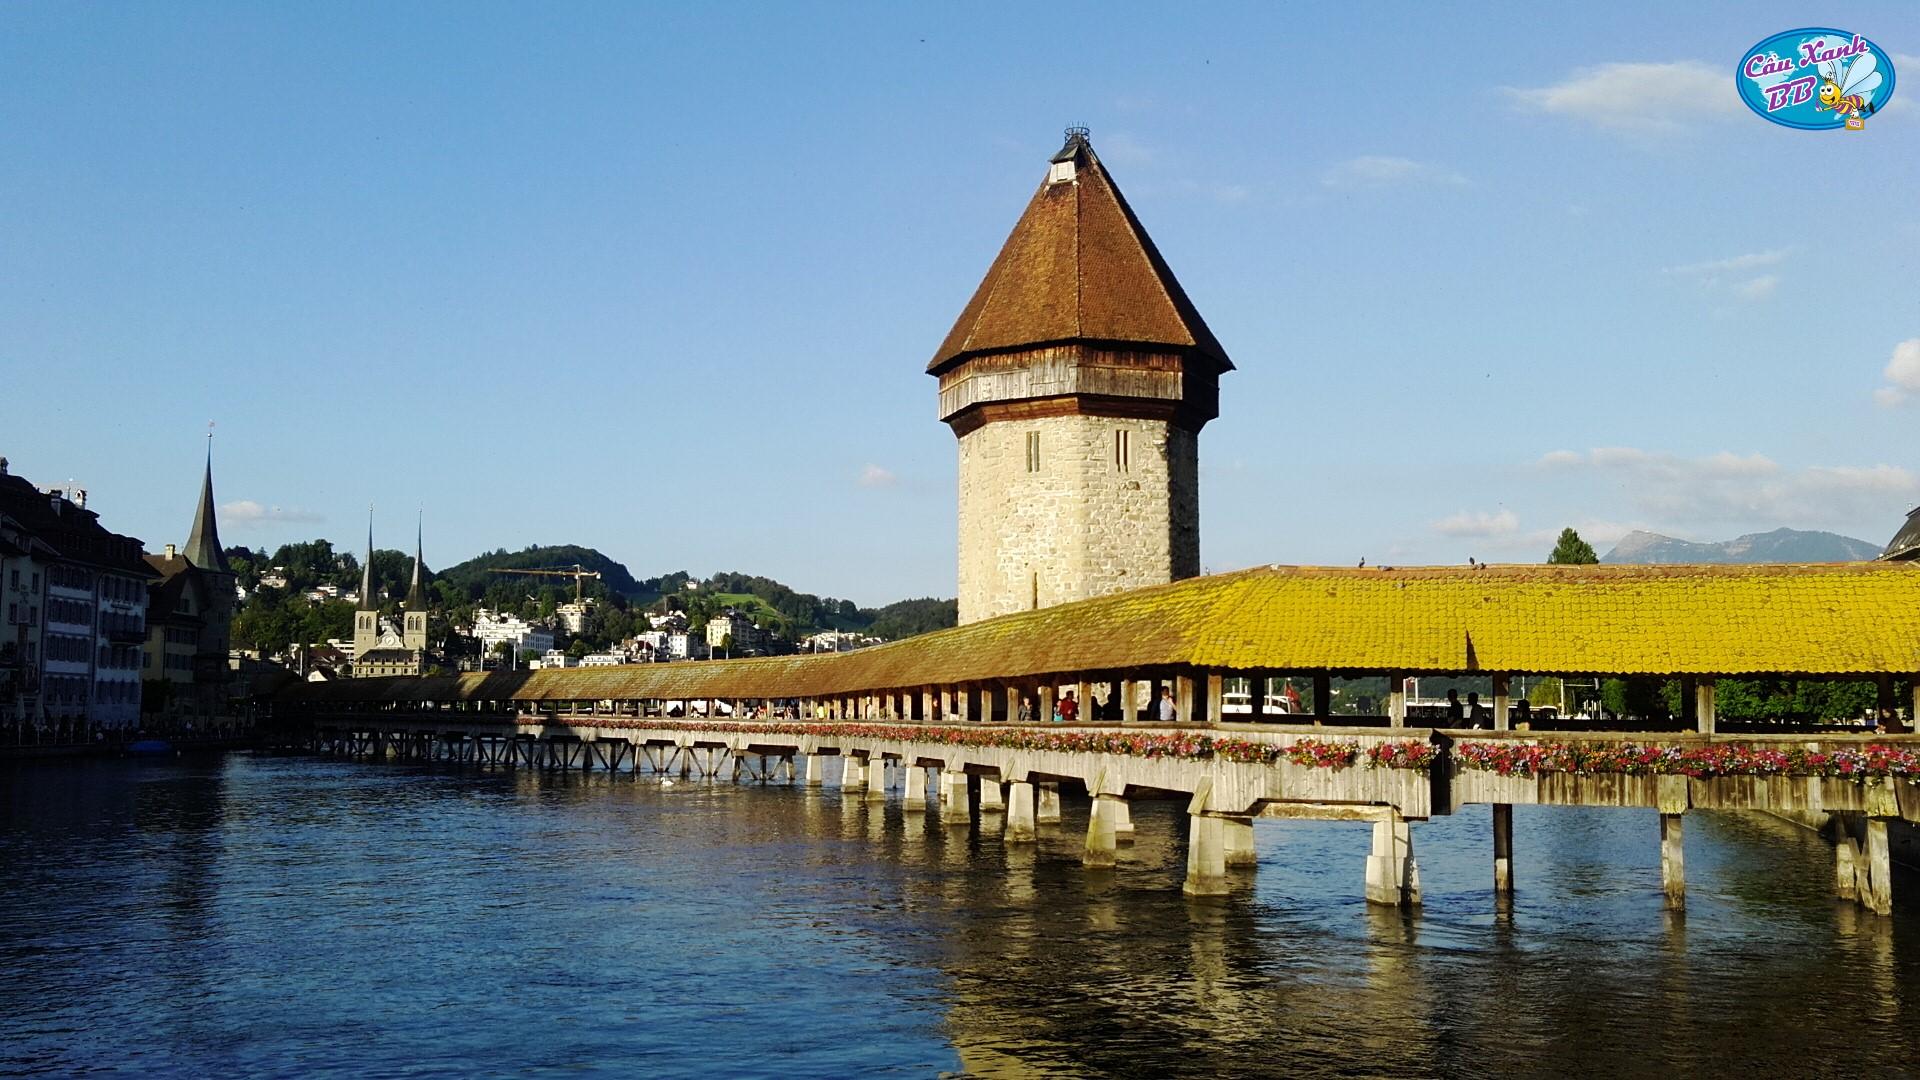 Cuộc sống của người nước ngoài trên đất nước Thuỵ Sĩ như thế nào?